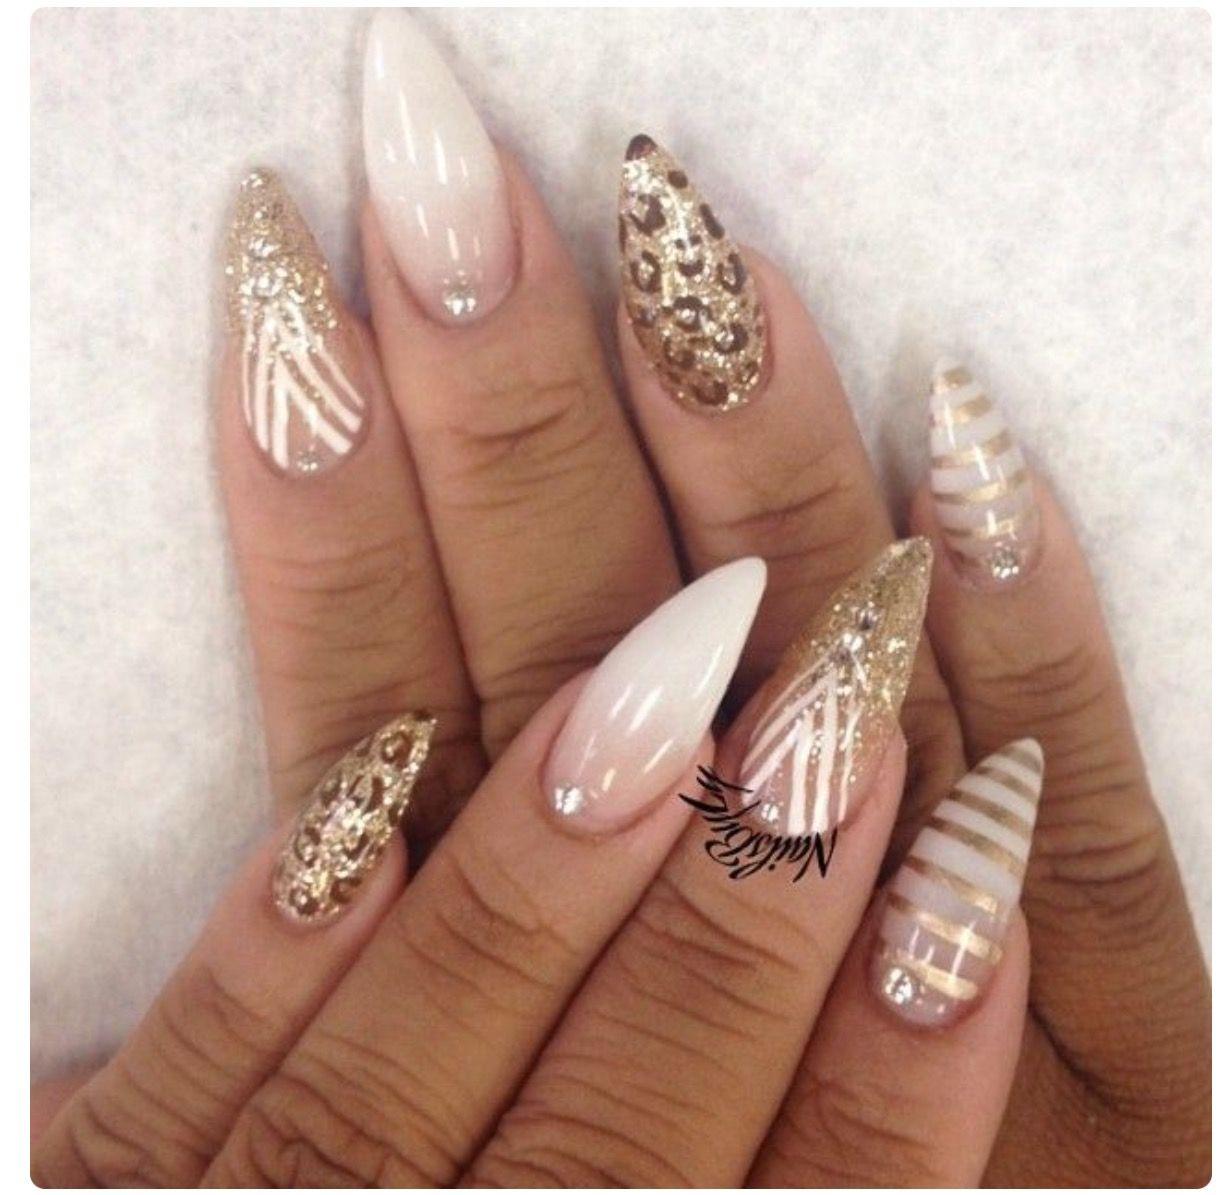 Pin by Theresa Lewis on Nail Designs | Pinterest | Nail nail, Claw ...